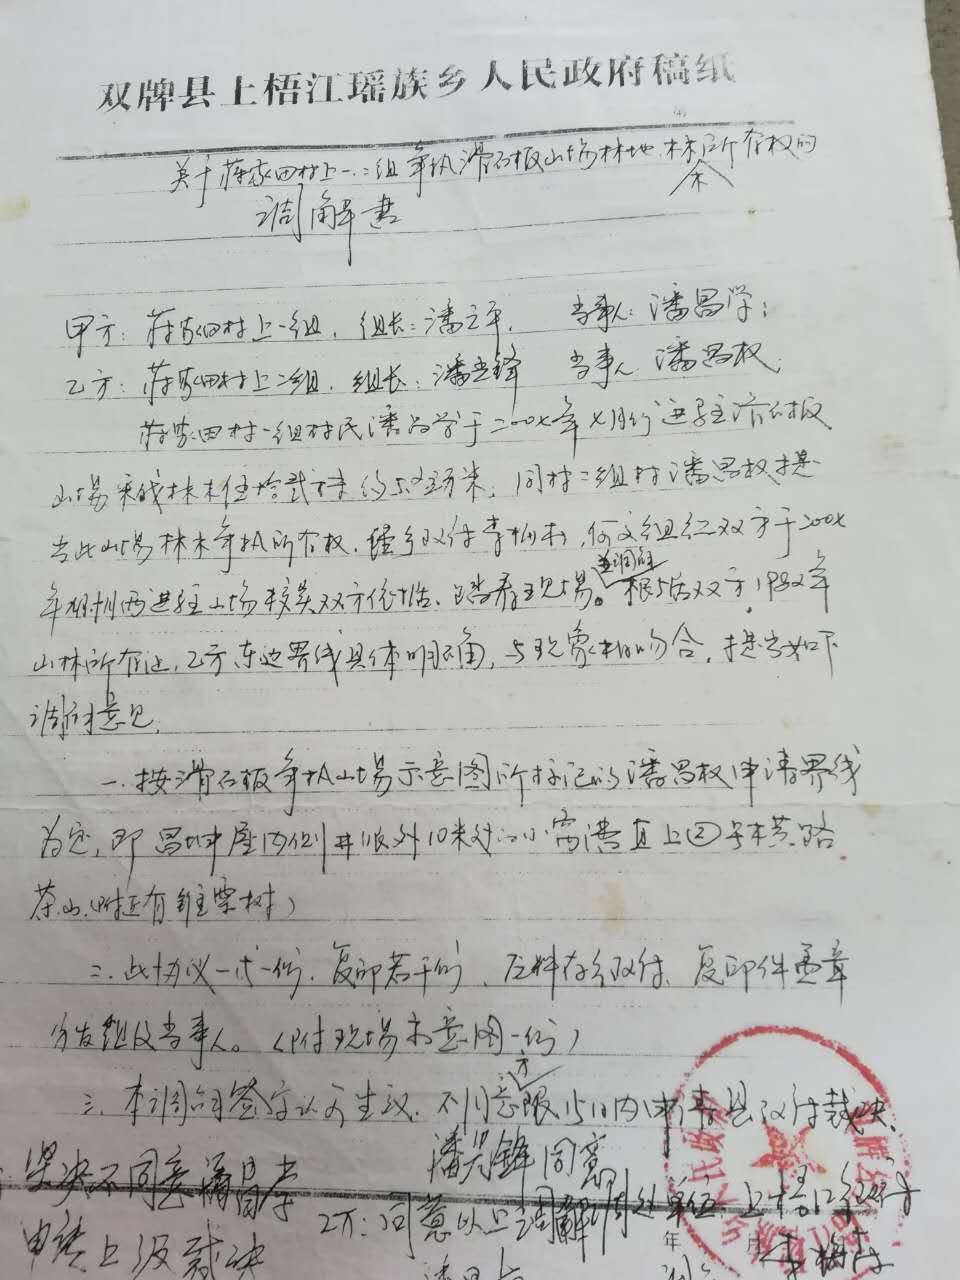 双牌县滑蒋家田村村民林木被非法侵占、砍伐